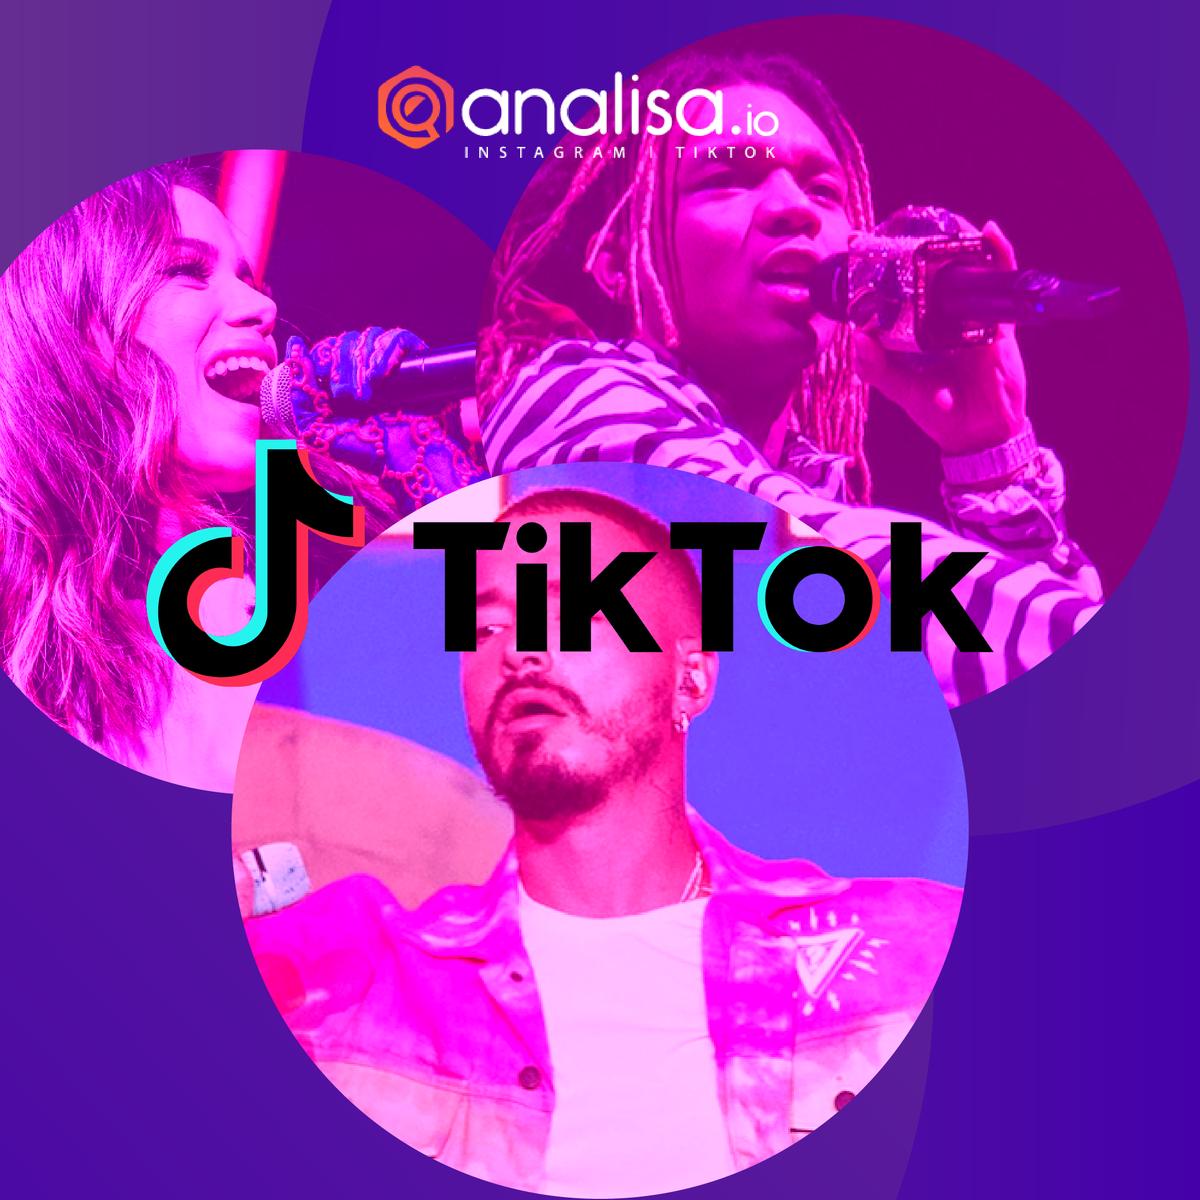 TikTok to Host The First-Ever 48-Hour Livestream Global Music Festival